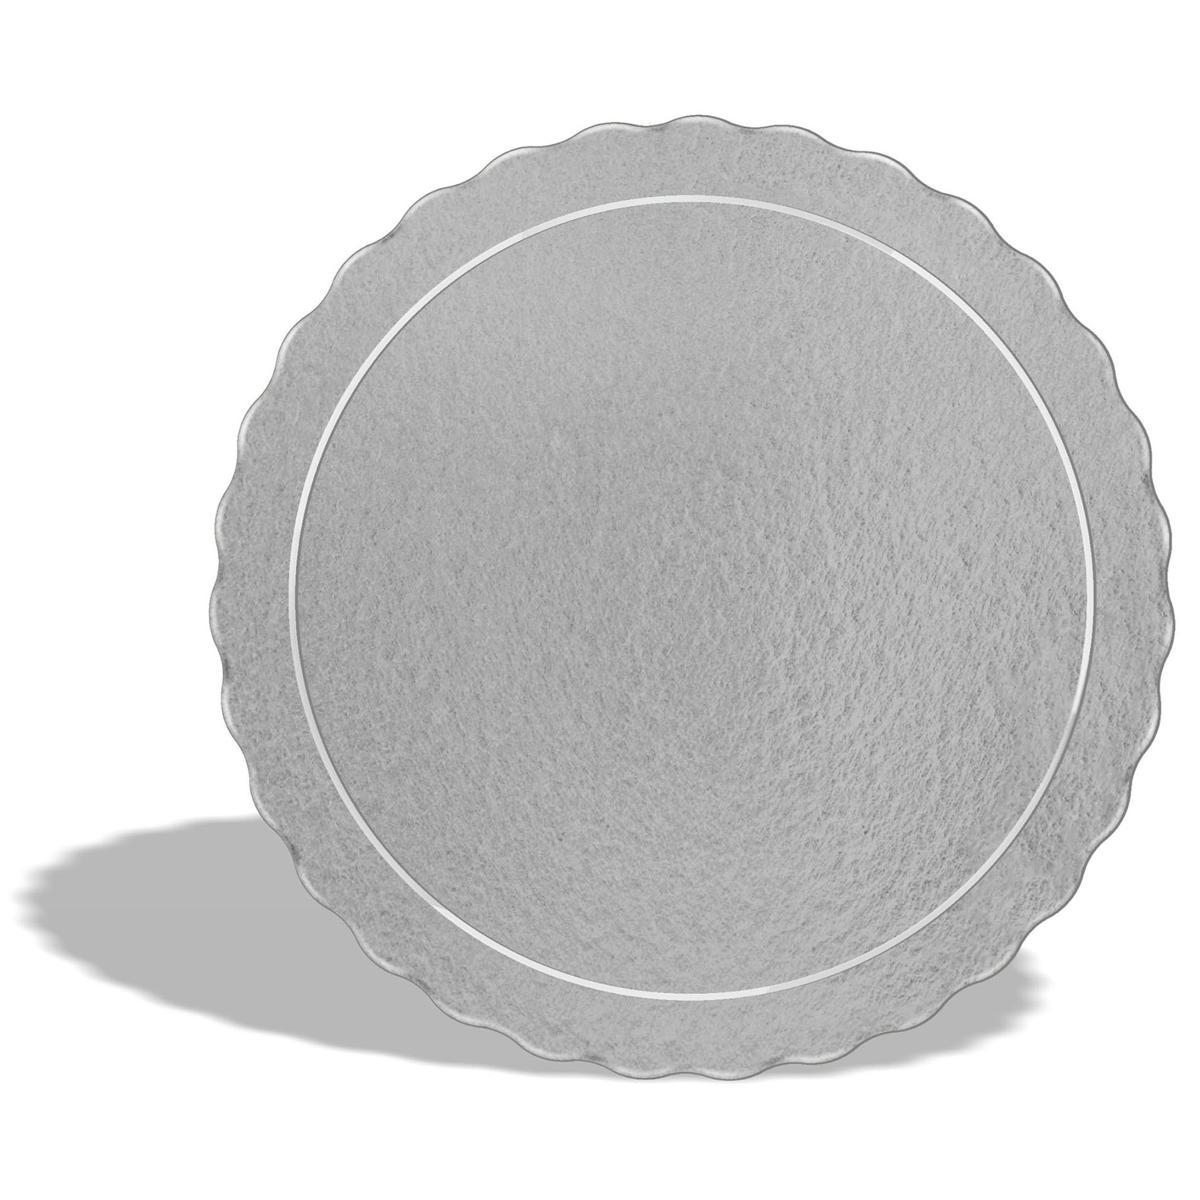 100 Bases Laminadas Para Bolo Redondo, Cake Board 35cm - Prata